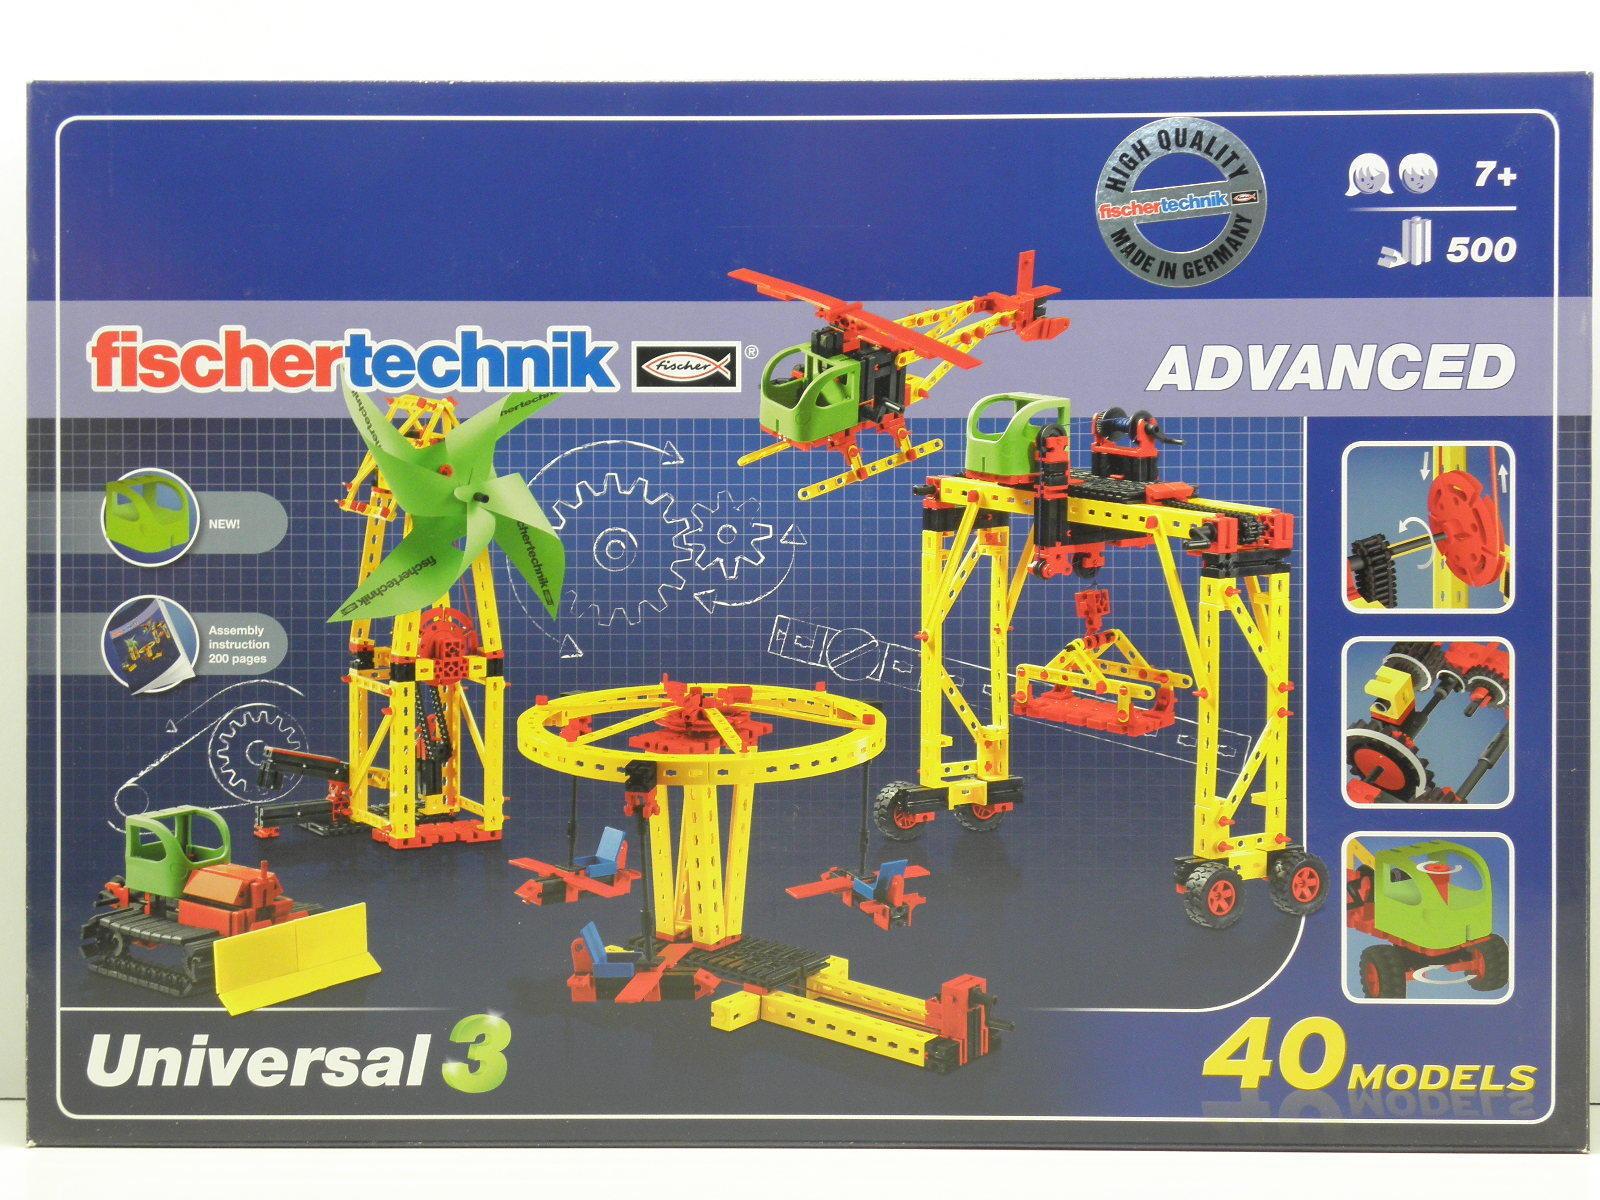 Fischertechnik 511931 Advanced Baukasten Universal 3